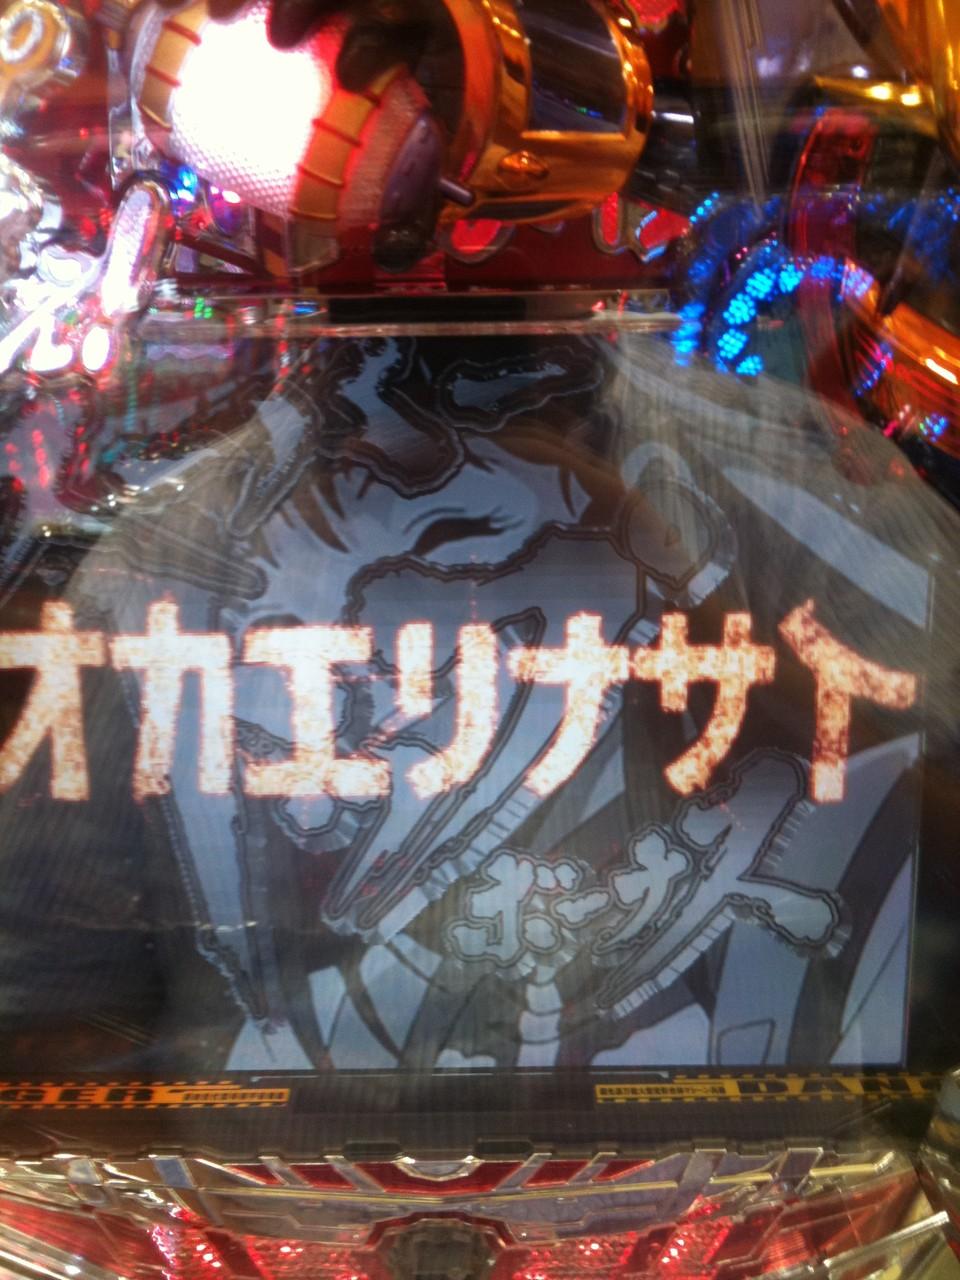 2010-09-13 004 オカエリナサト(隠確中だっただけだけど)と、8連荘~しかし、相変わ